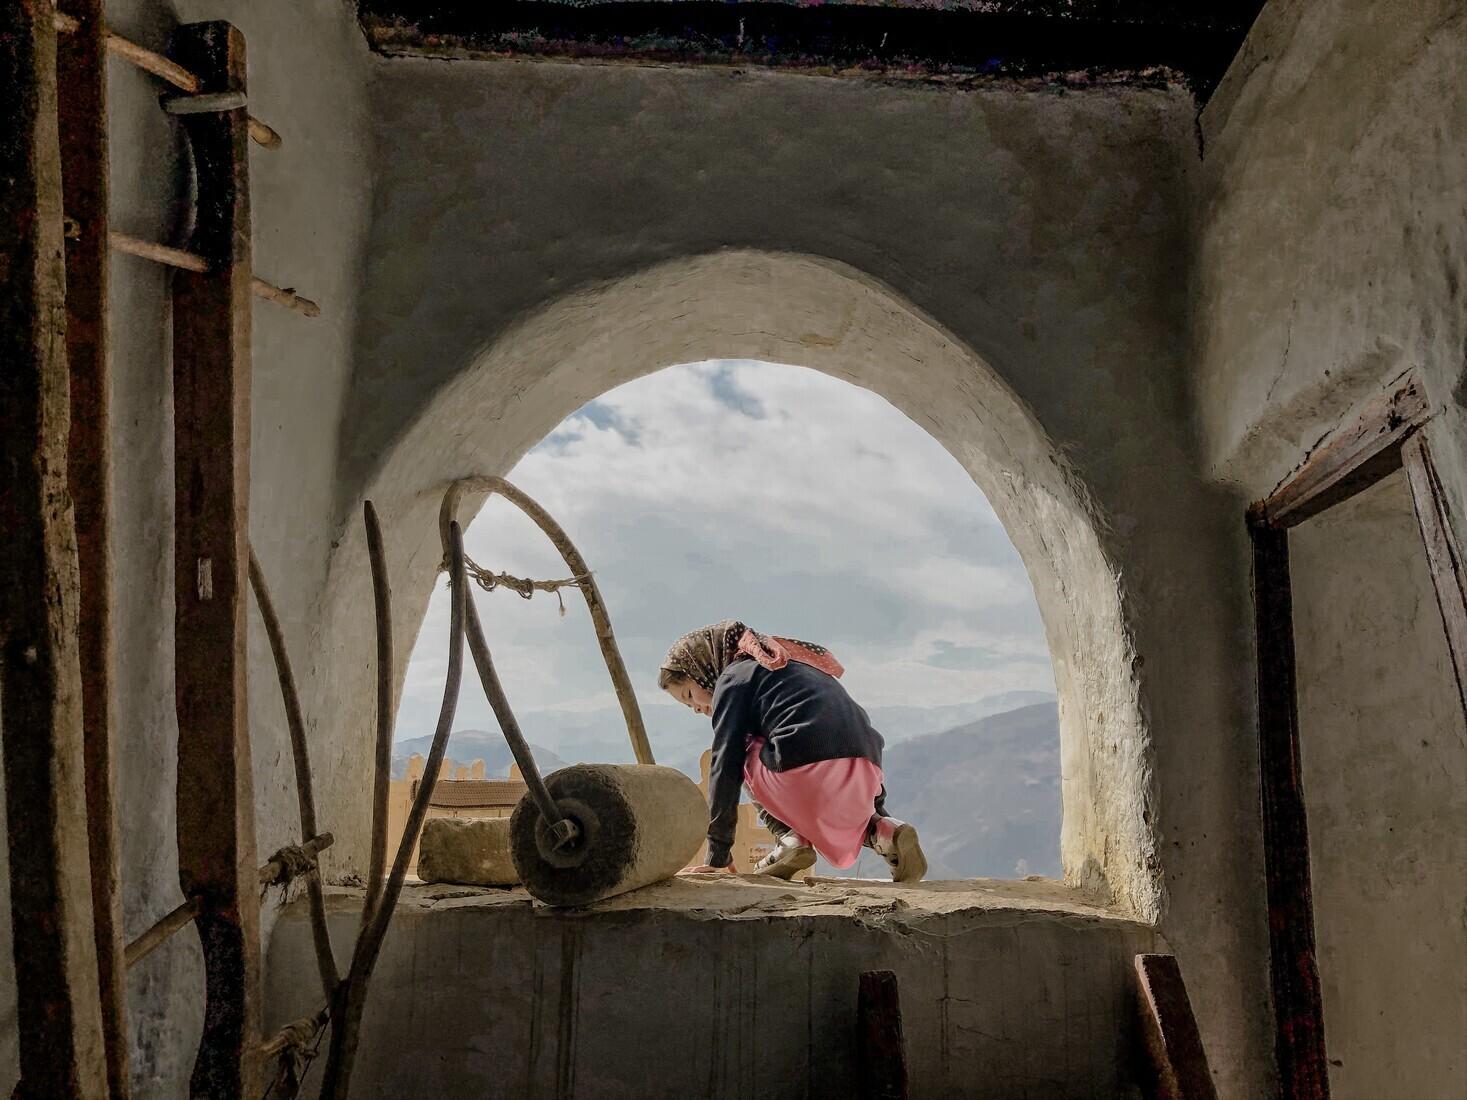 Финалист в номинации «Снято на смартфон», 2021. Дагестанская девочка. Автор Диана Смыкова